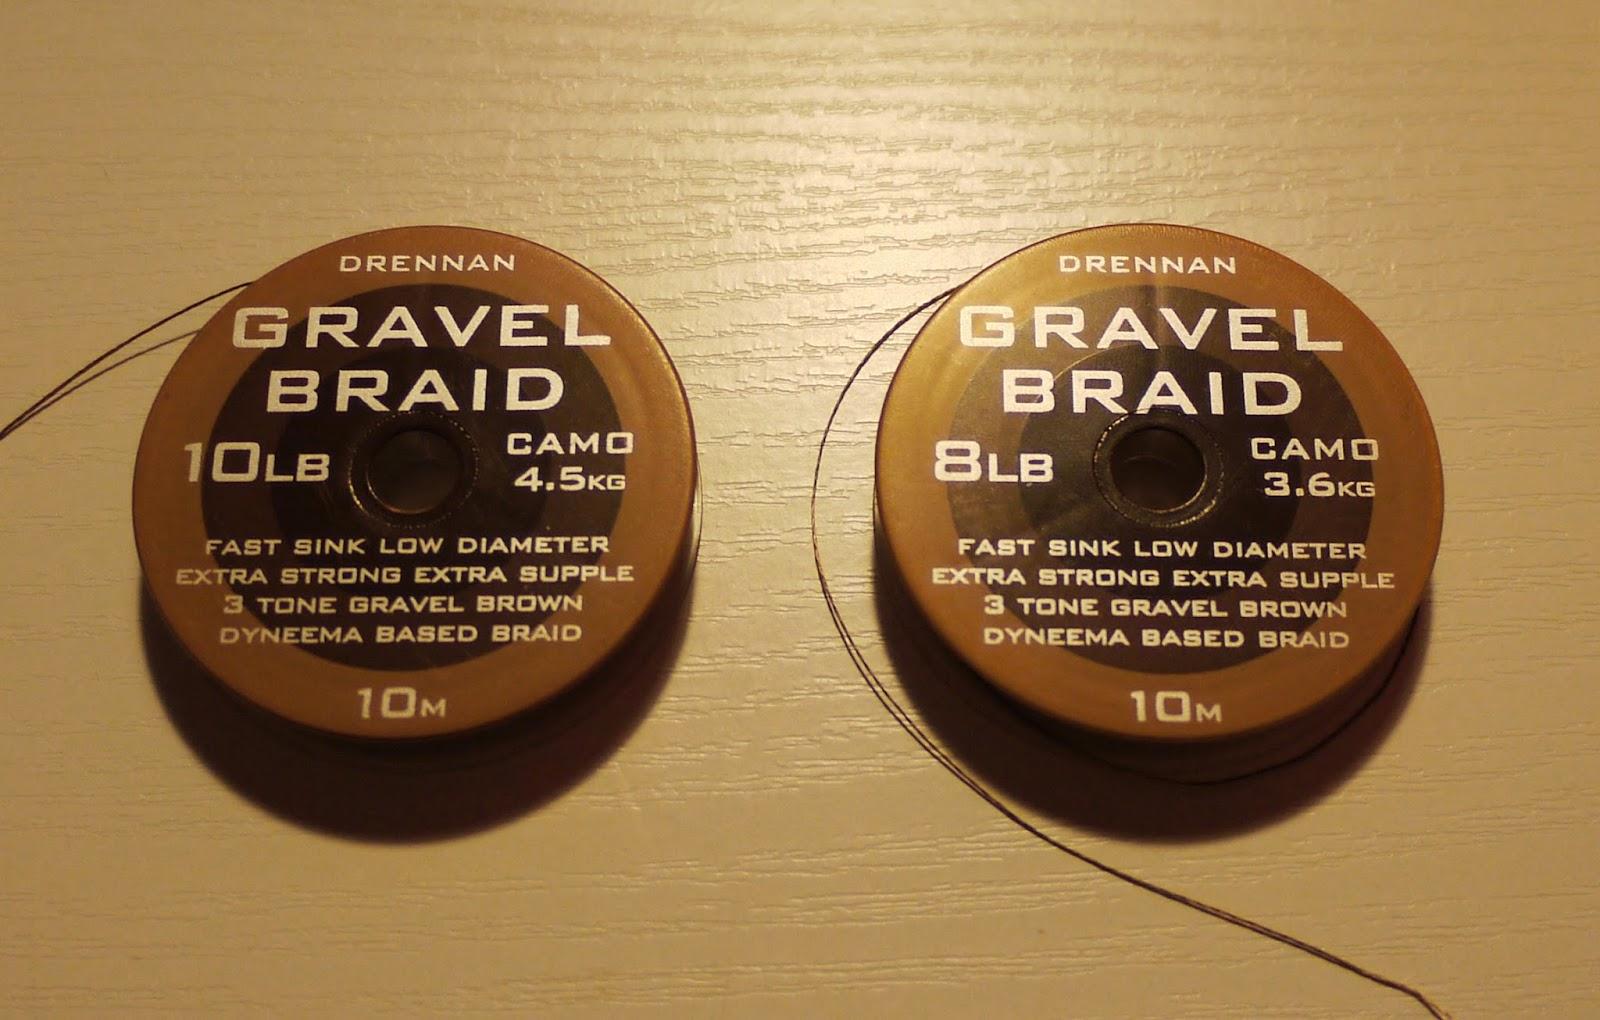 Brand New Drennan spécialiste Décrochage Tapis